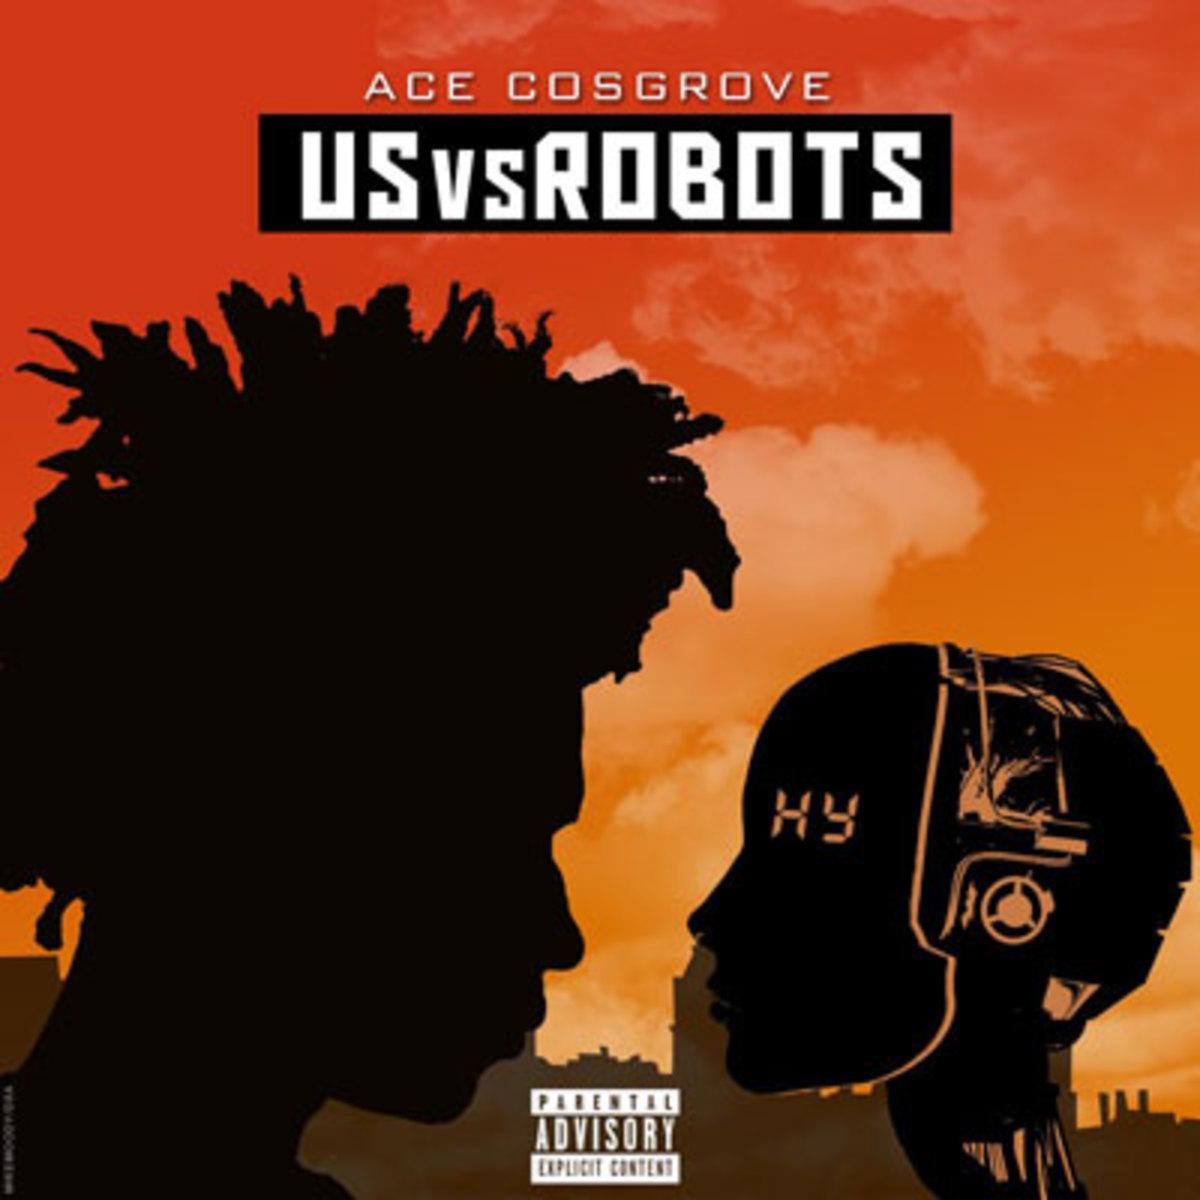 acecosgrove-usvsrobots.jpg